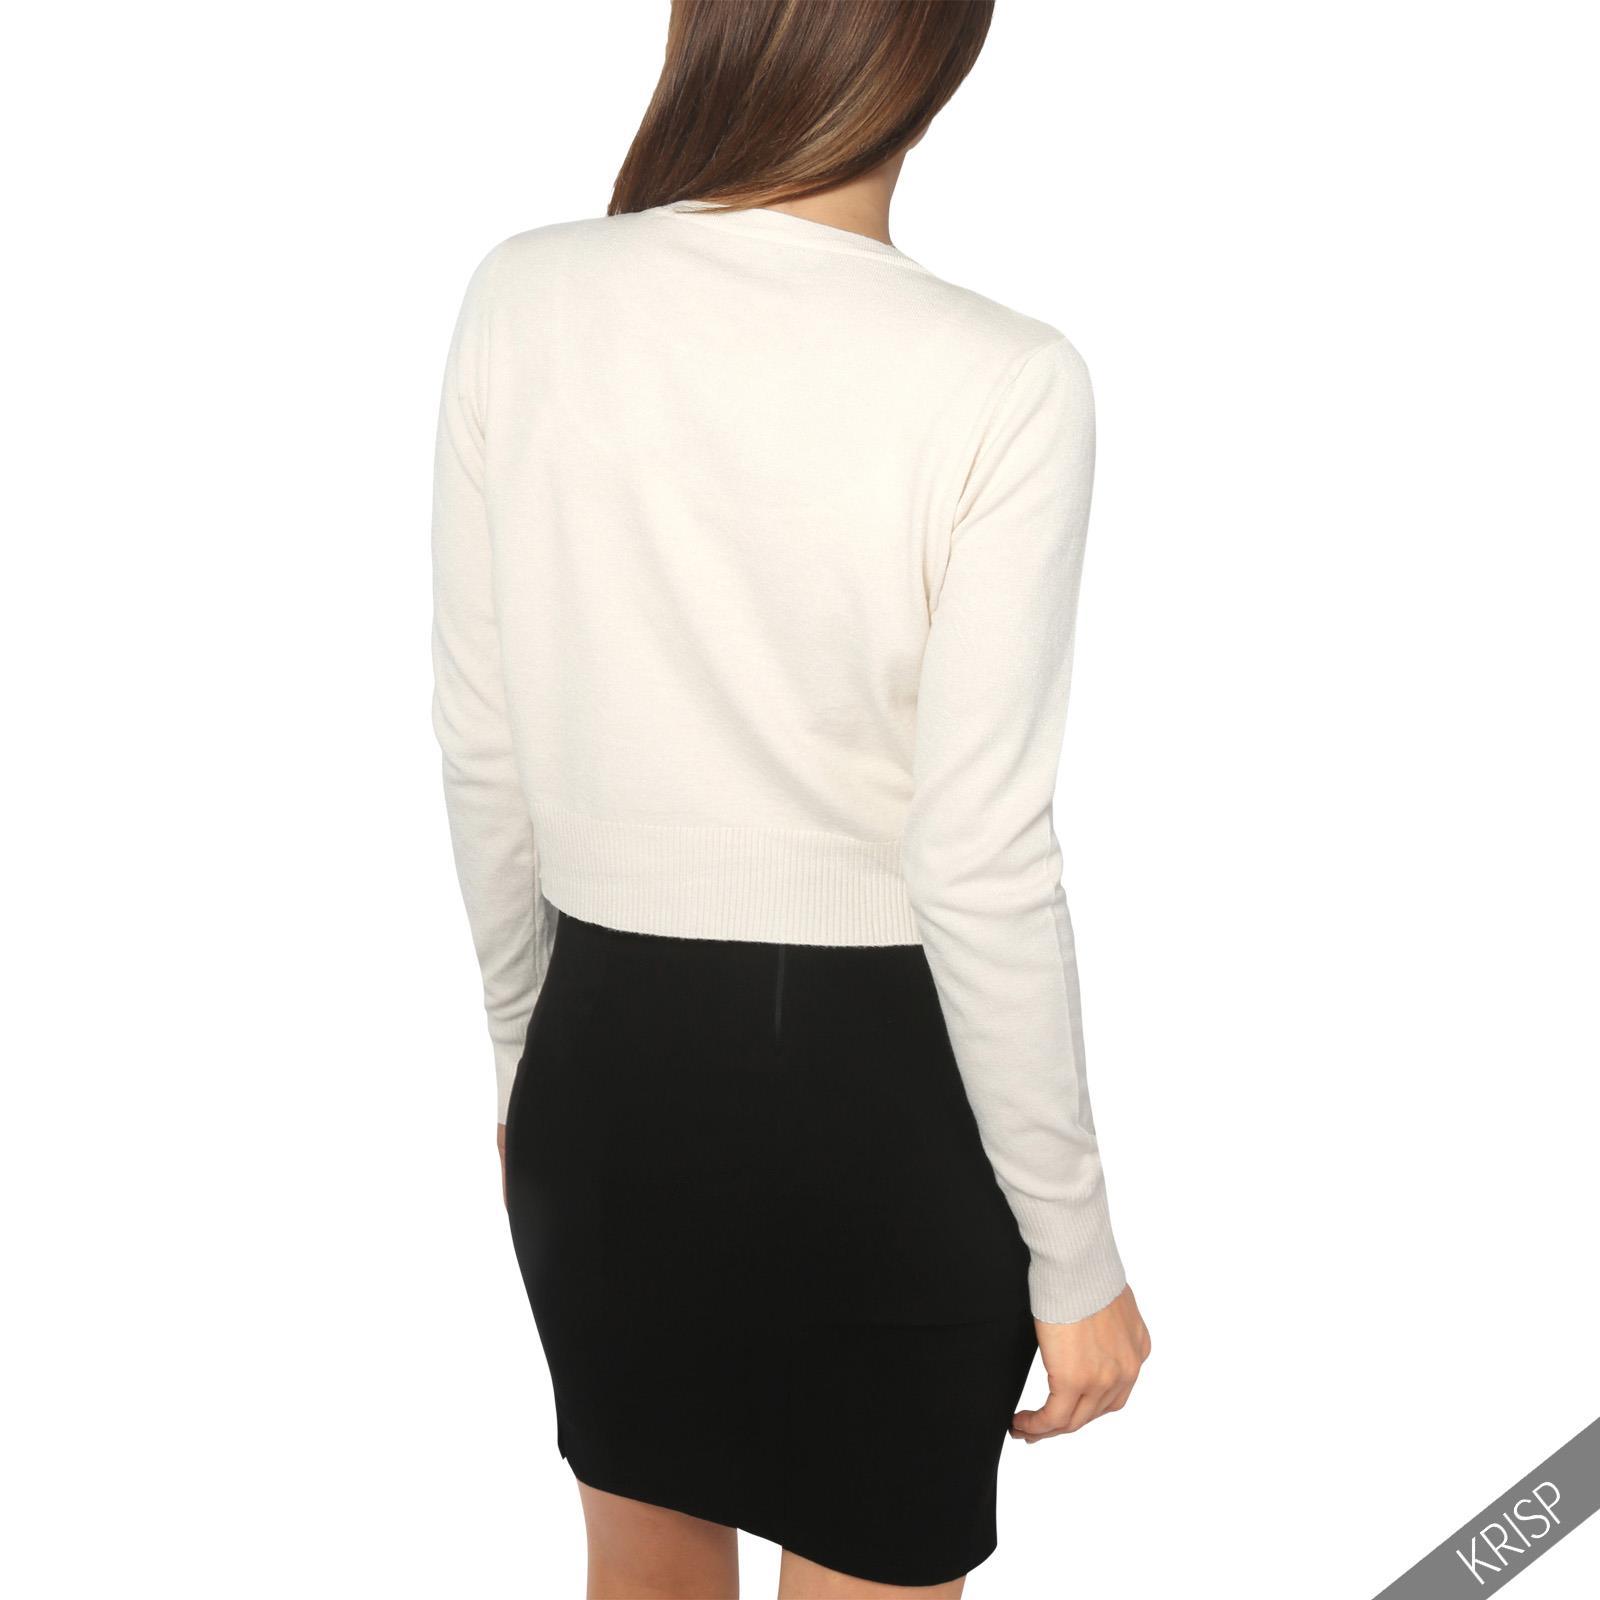 Donna-Bolero-Coprispalle-Seta-Morbido-Cardigan-Manica-Lunga-Maglia-Corto-Lavoro miniatura 25